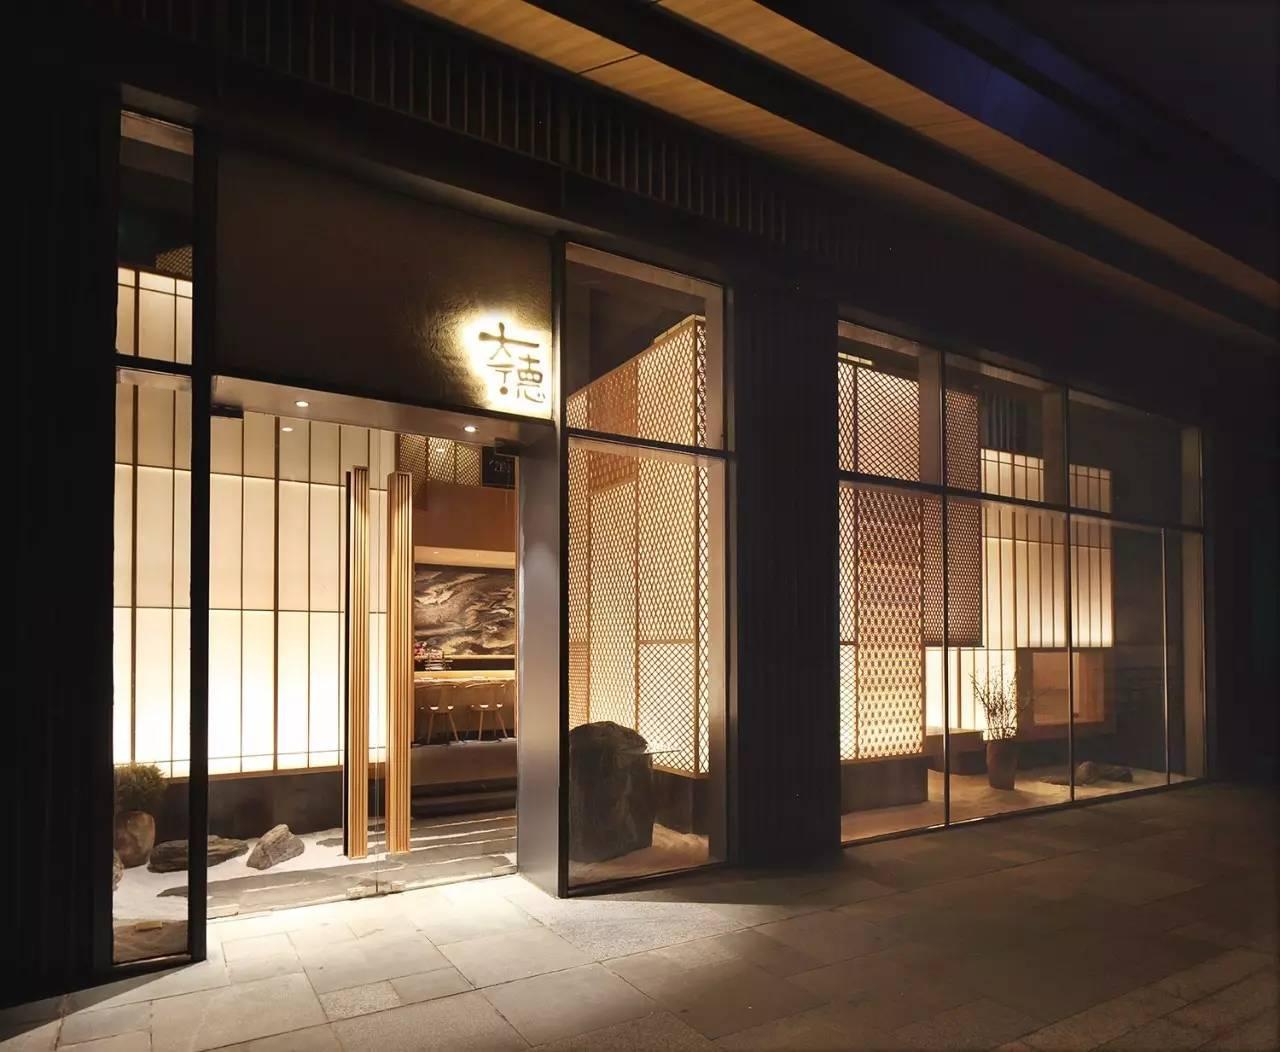 oddv餐厅|北京最火餐厅合同的建筑事务所建筑设计背后知识产权图片